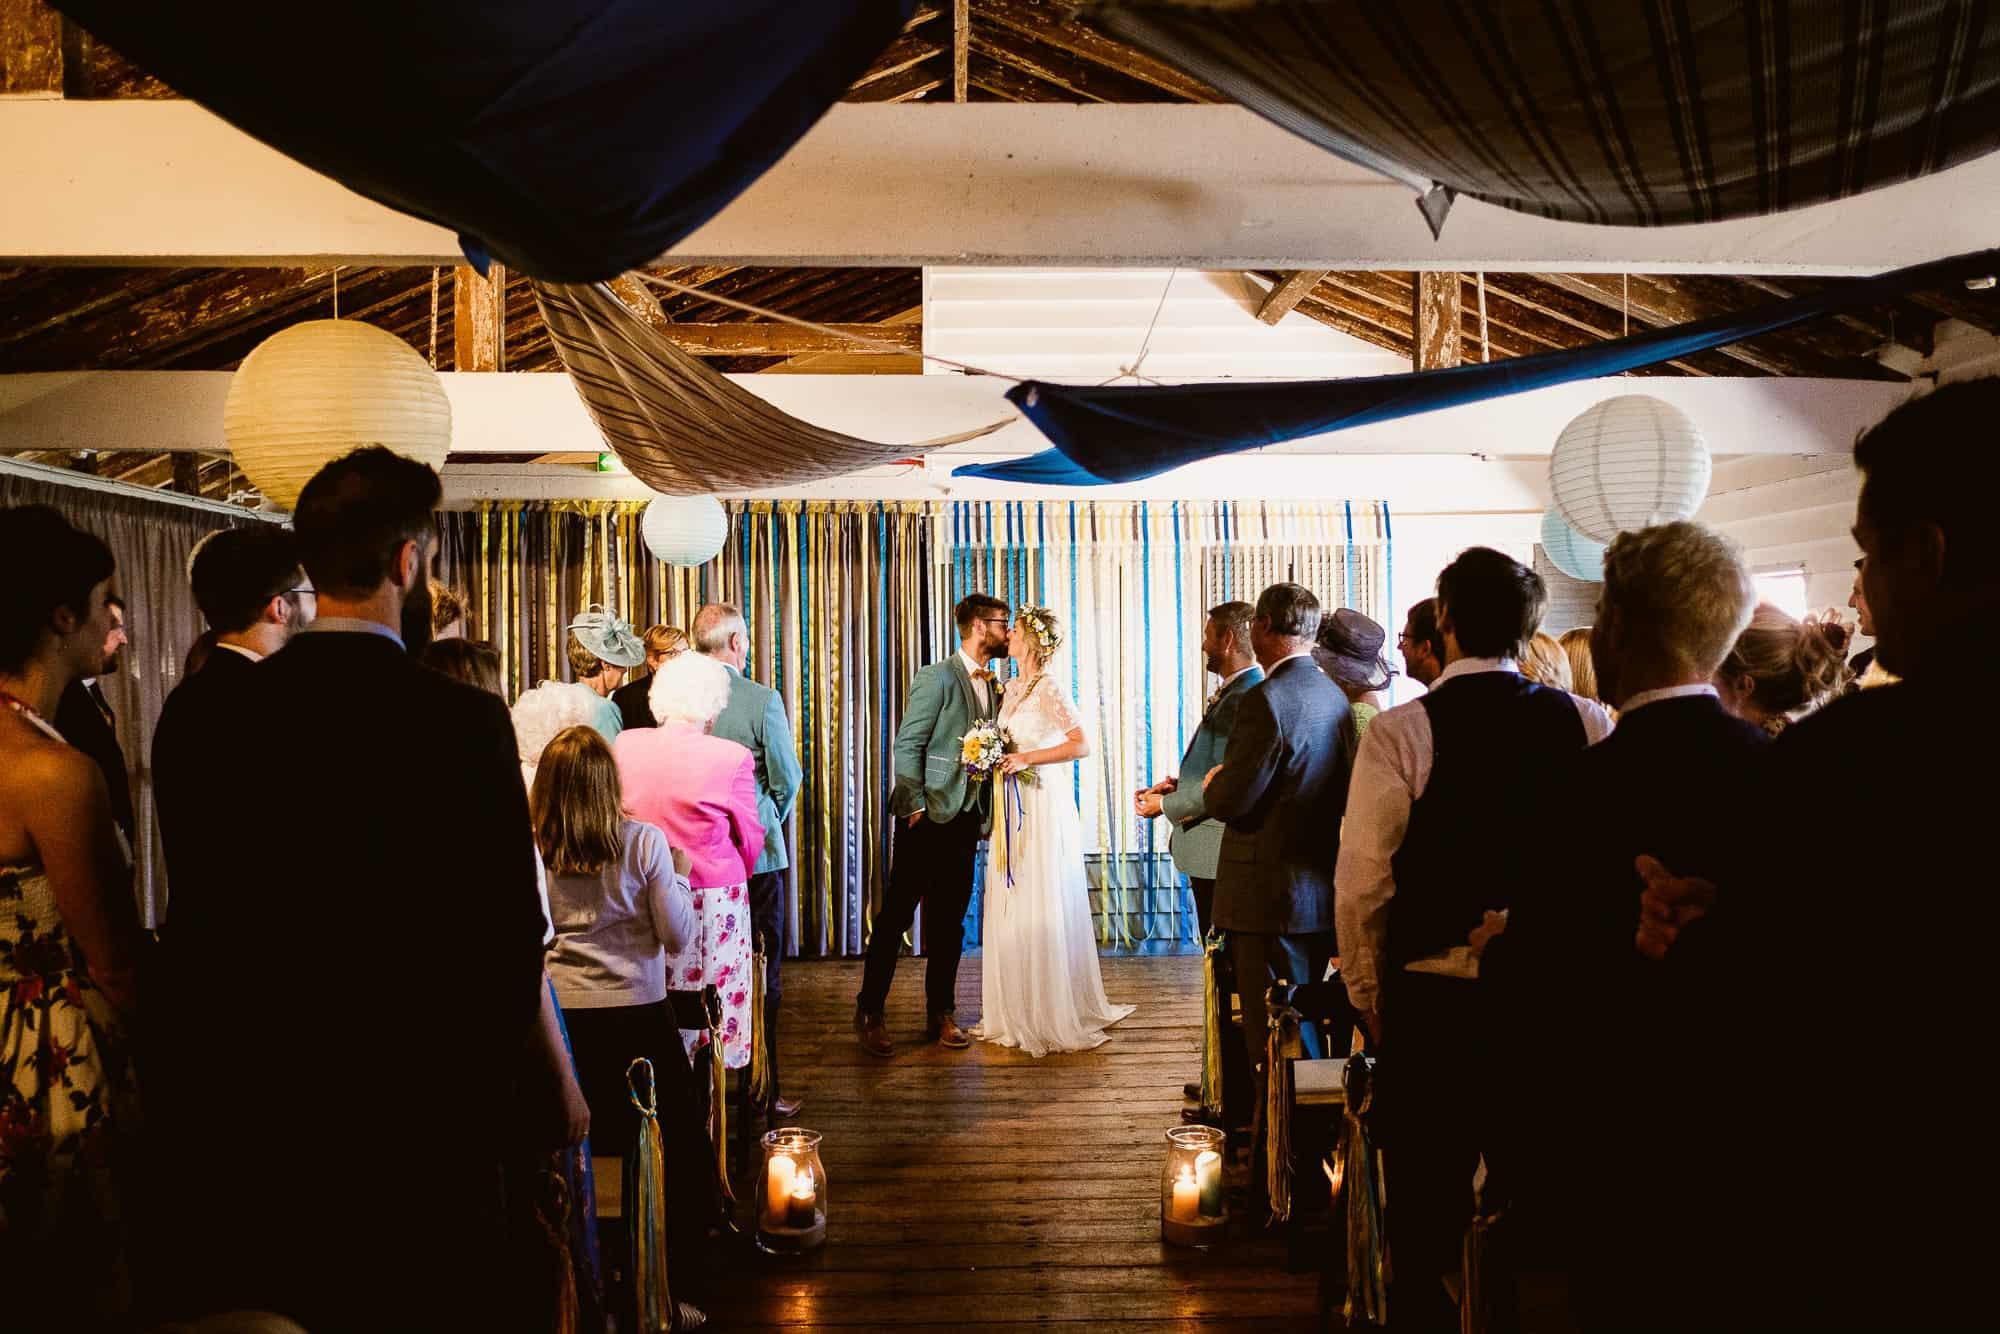 east-quay-wedding-photography-matt-tyler-0039